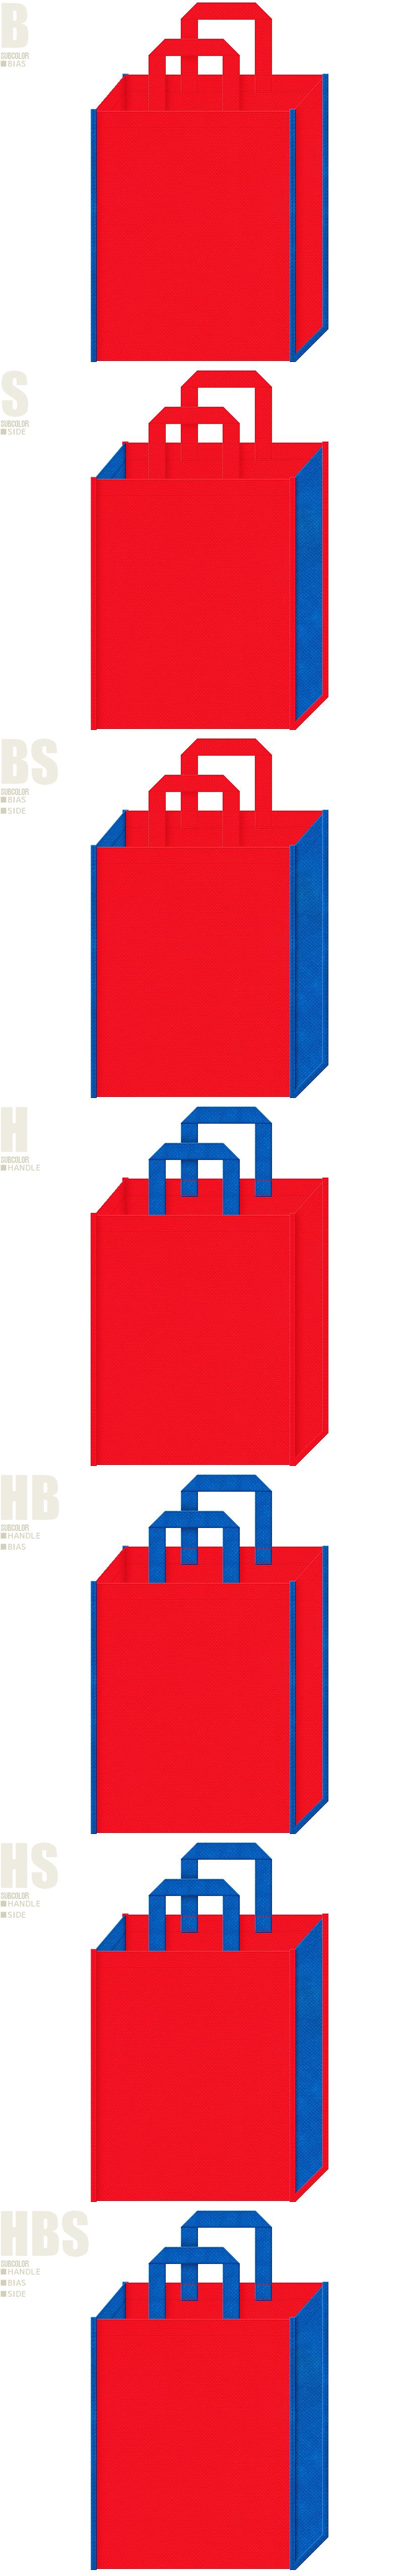 不織布トートバッグ 不織布カラーNo.6カーマインレッドとNo.22スカイブルーの組み合わせ